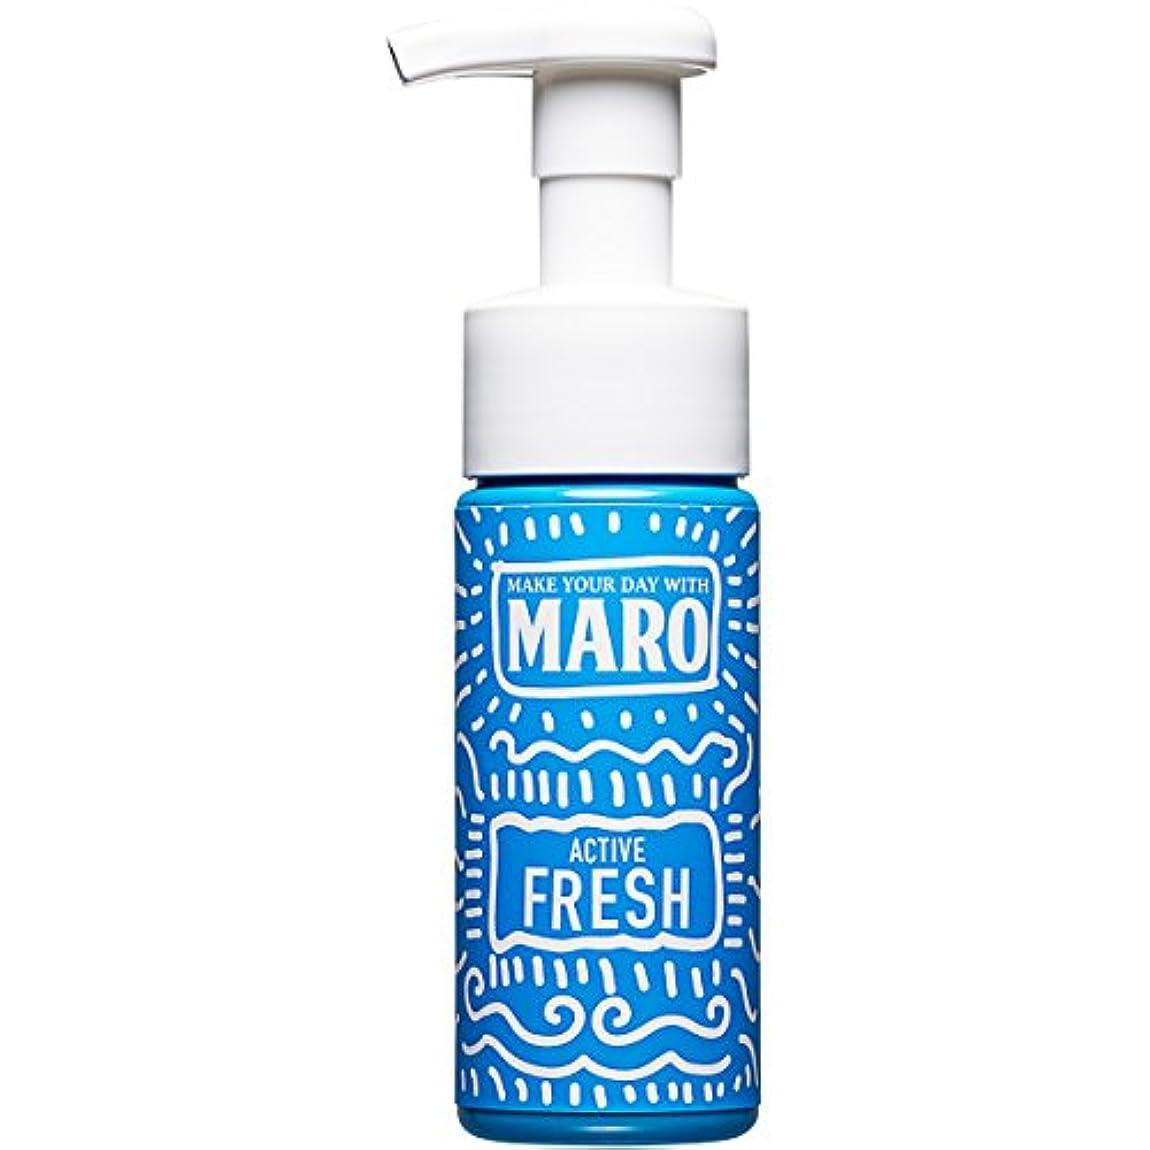 ピザ治療険しいMARO グルーヴィー 泡洗顔 アクティブフレッシュ 150ml